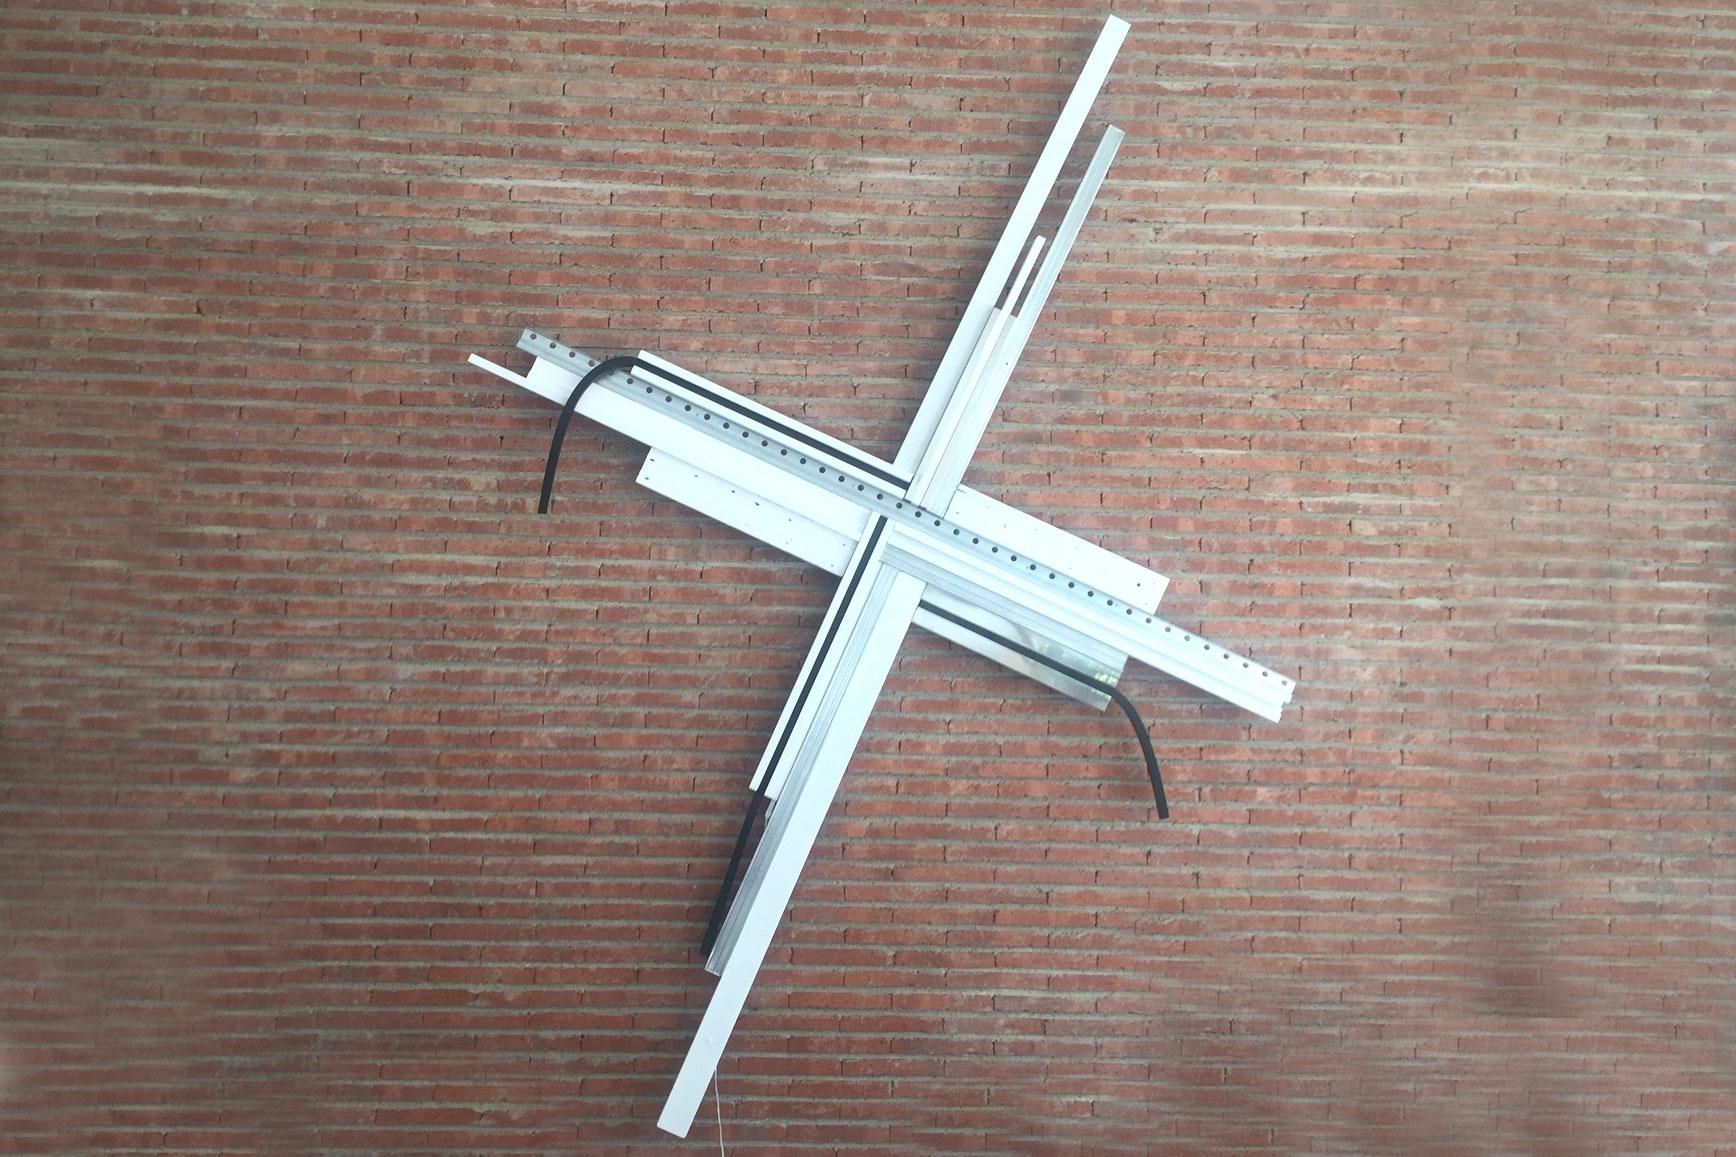 Sculpture / 300 X 220 cm X 8 cm inox - aluminium - tape - wood - rubber - LED